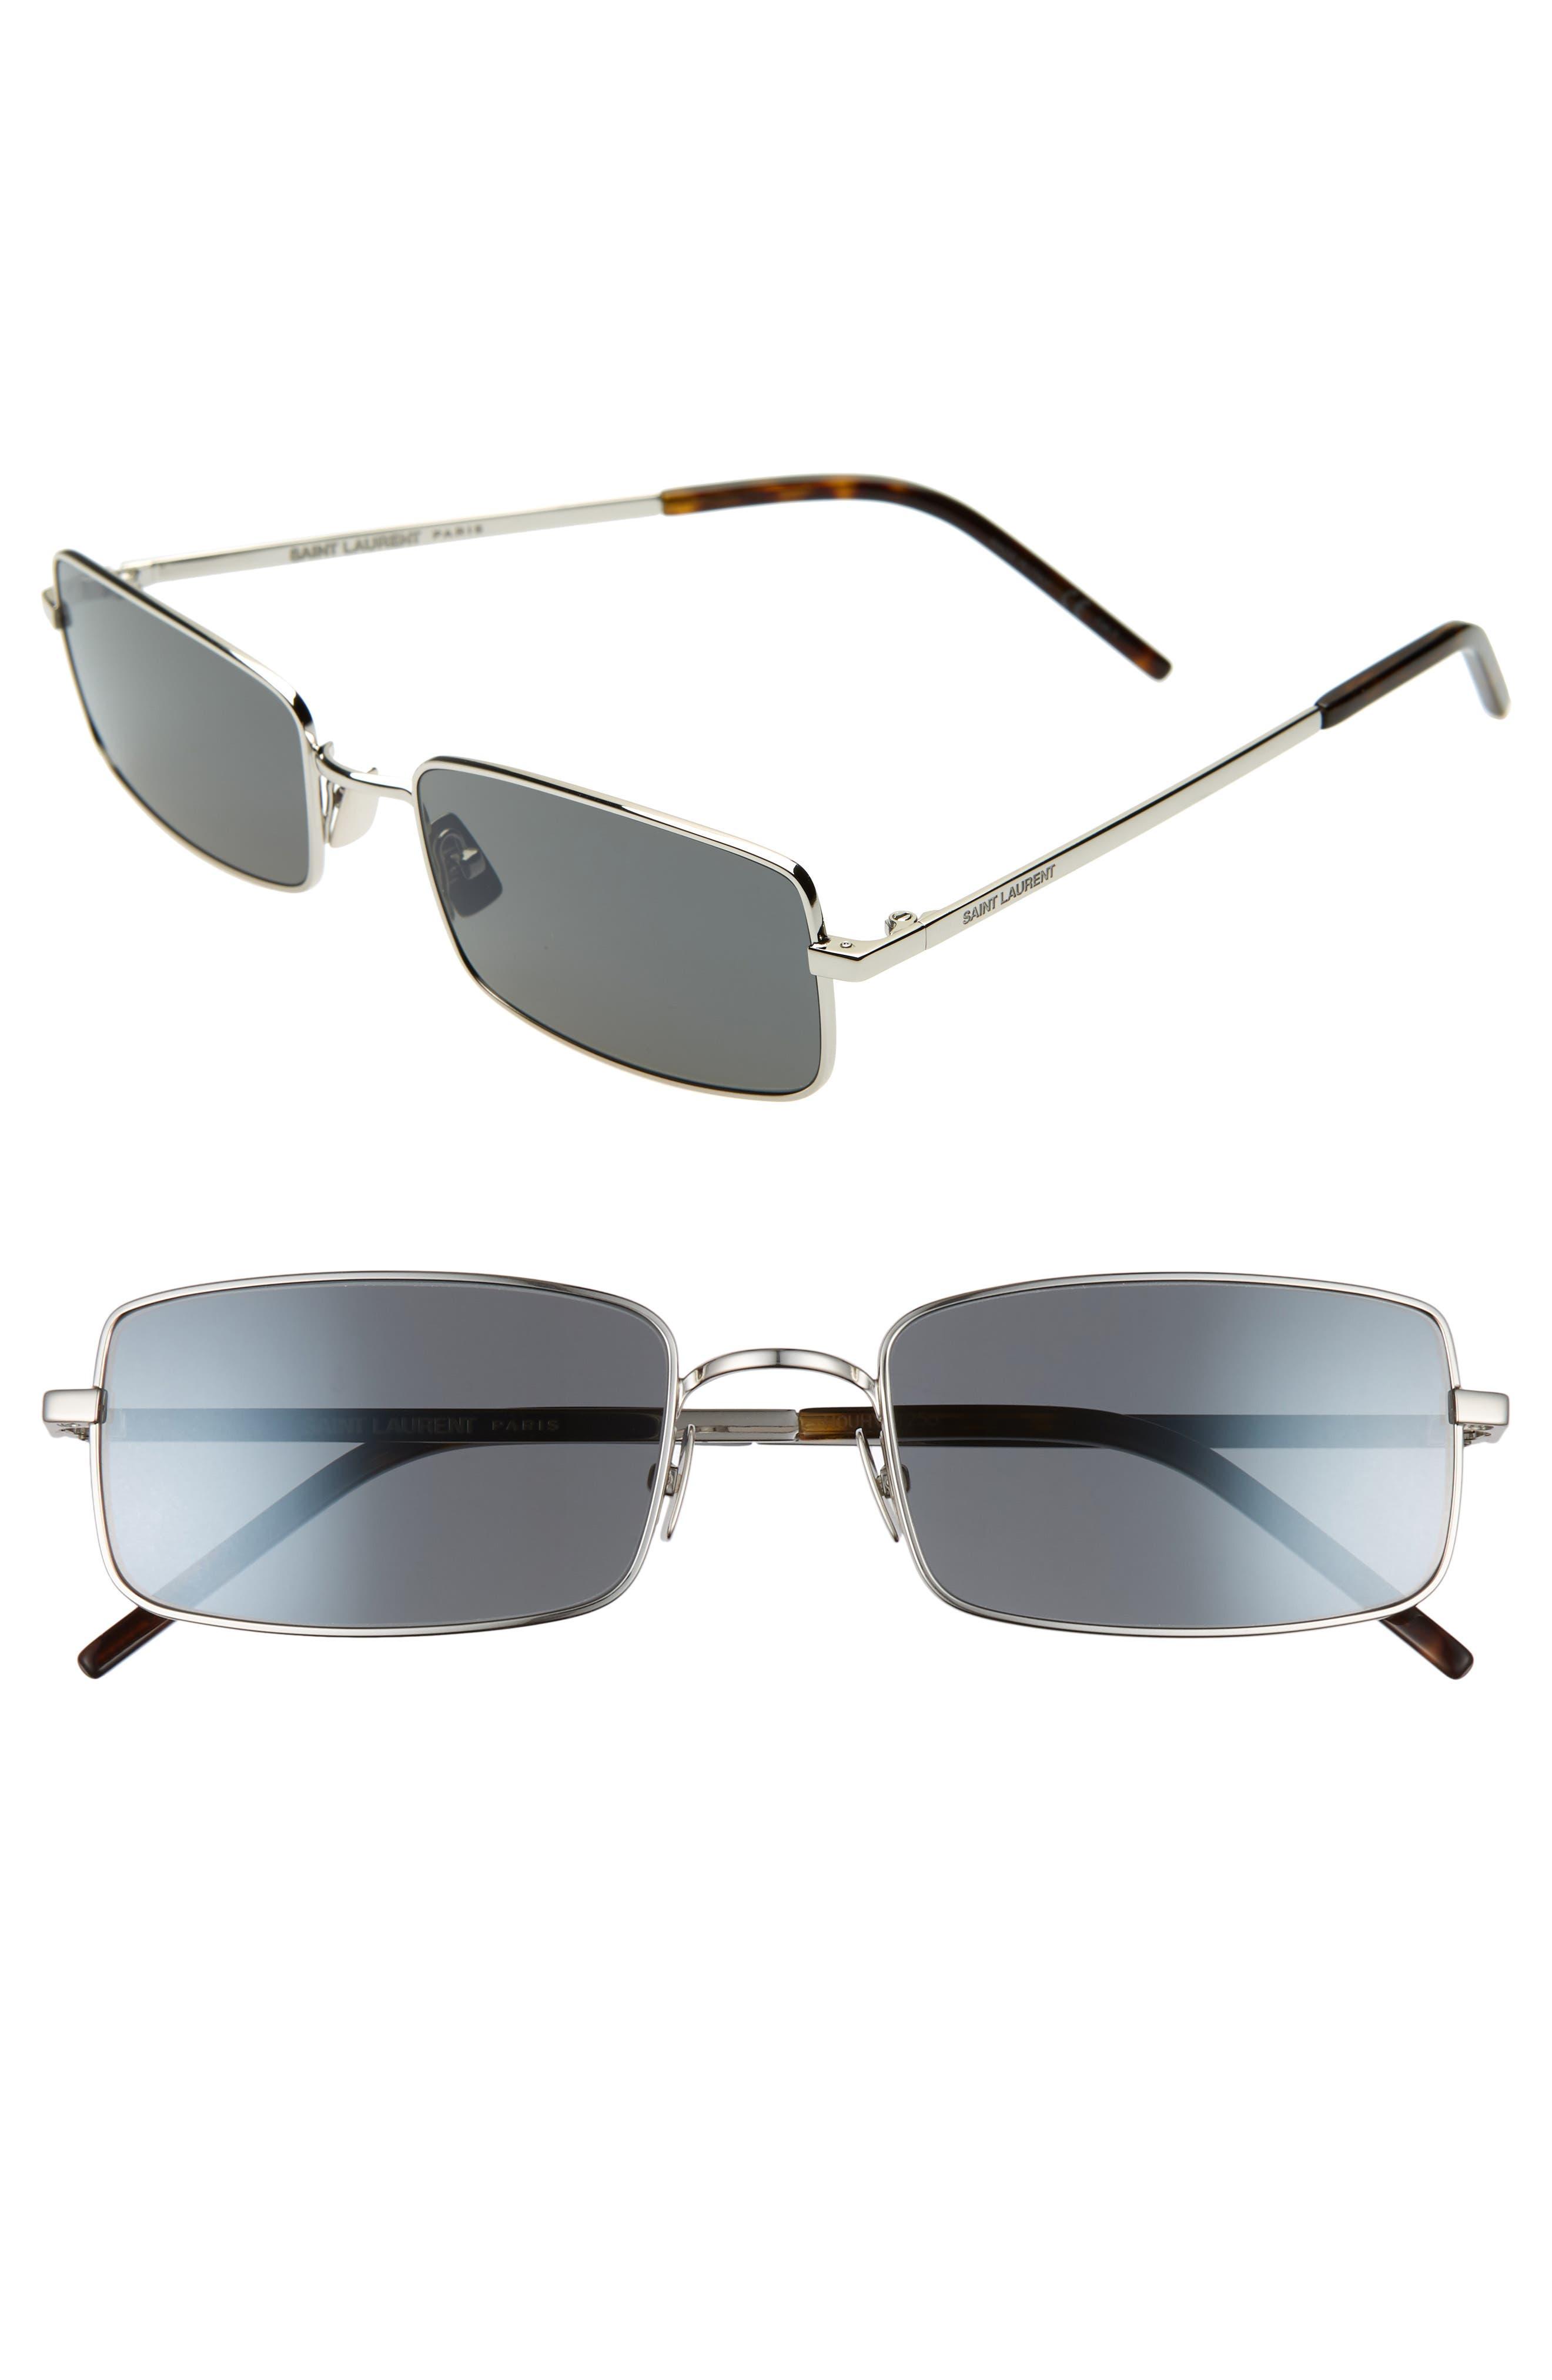 Saint Laurent 5m Rectangle Sunglasses - Silver/ Grey